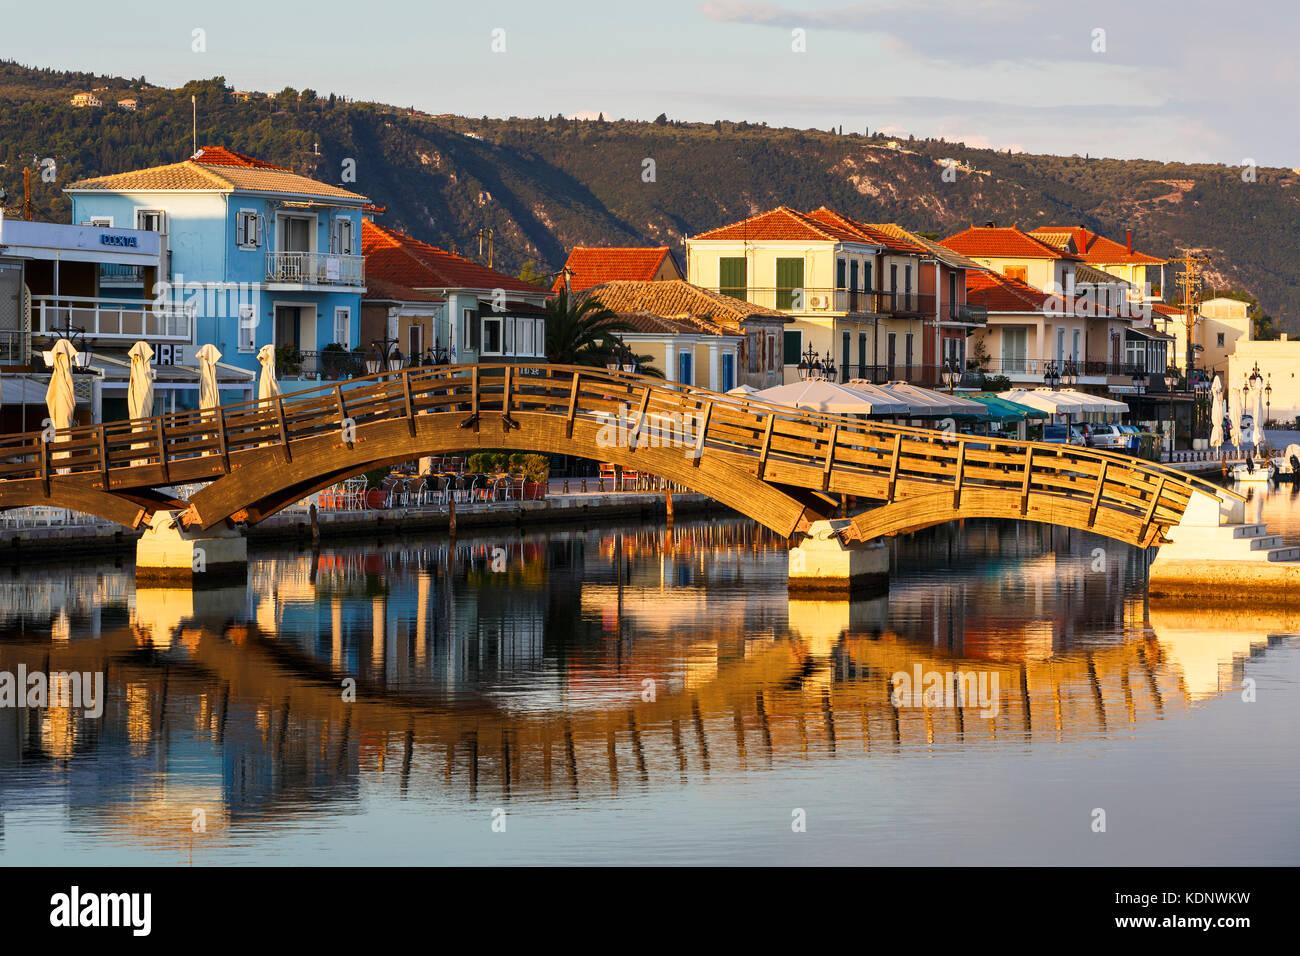 Fuß-Brücke im Hafen der Stadt Lefkada, Griechenland. Stockbild